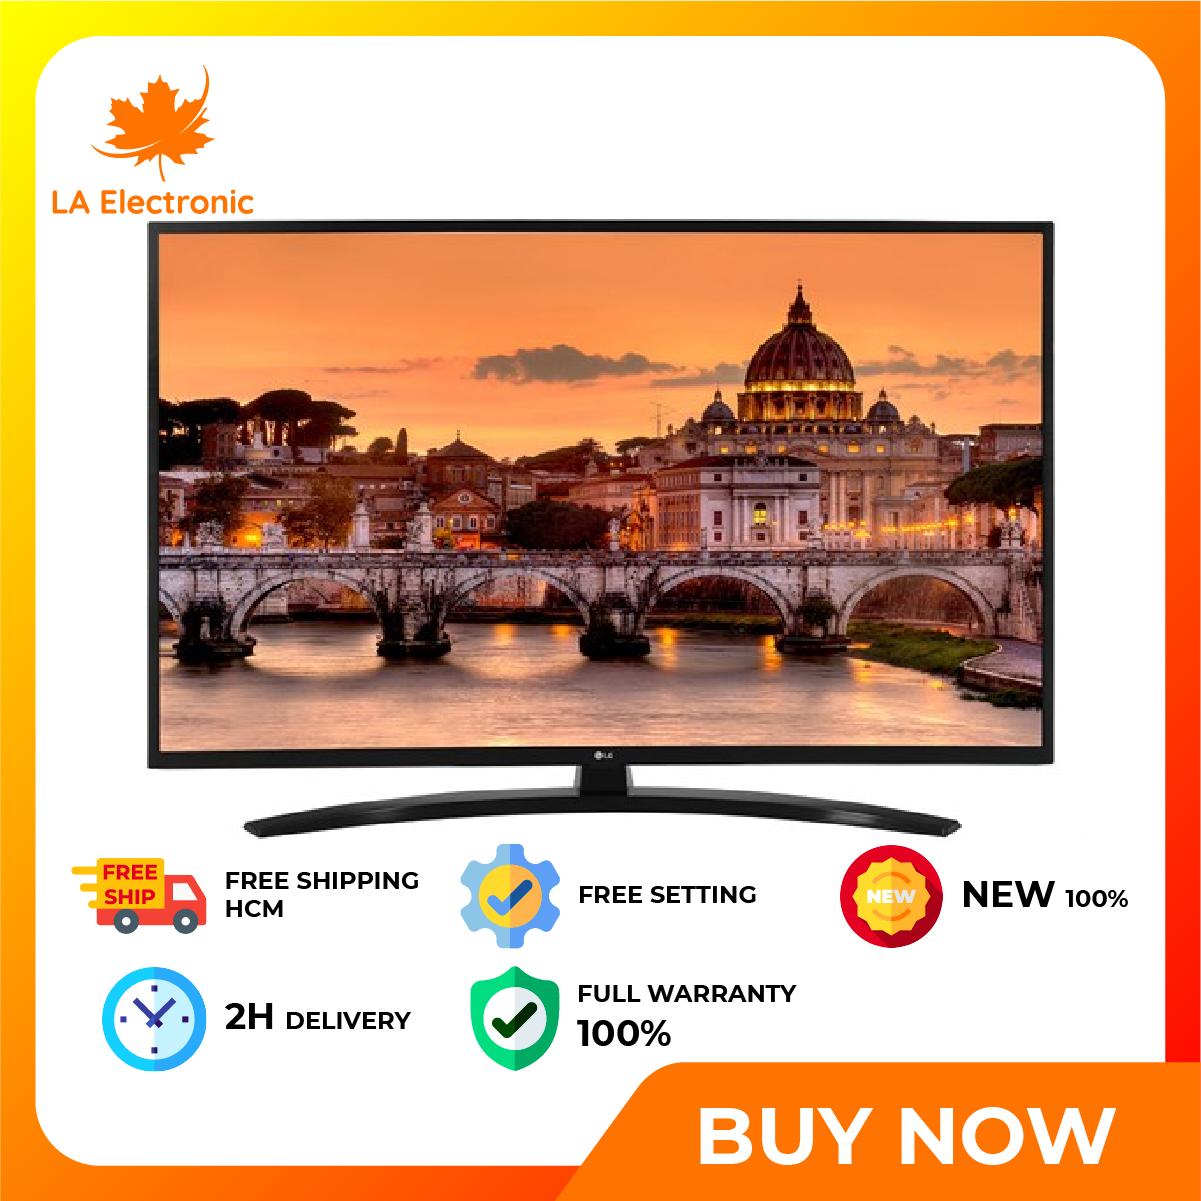 Installment 0% – Smart TV LG 4K 43 inch 43UN7400PTA New 2020